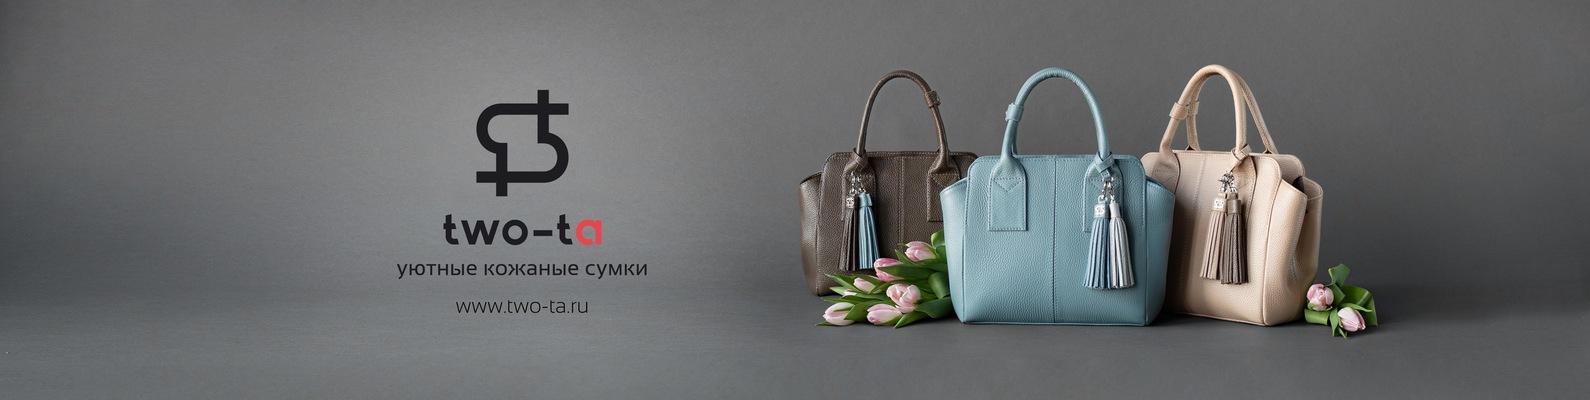 48dd022c26ea ○ two-ta |уютные кожаные сумки|○ | ВКонтакте